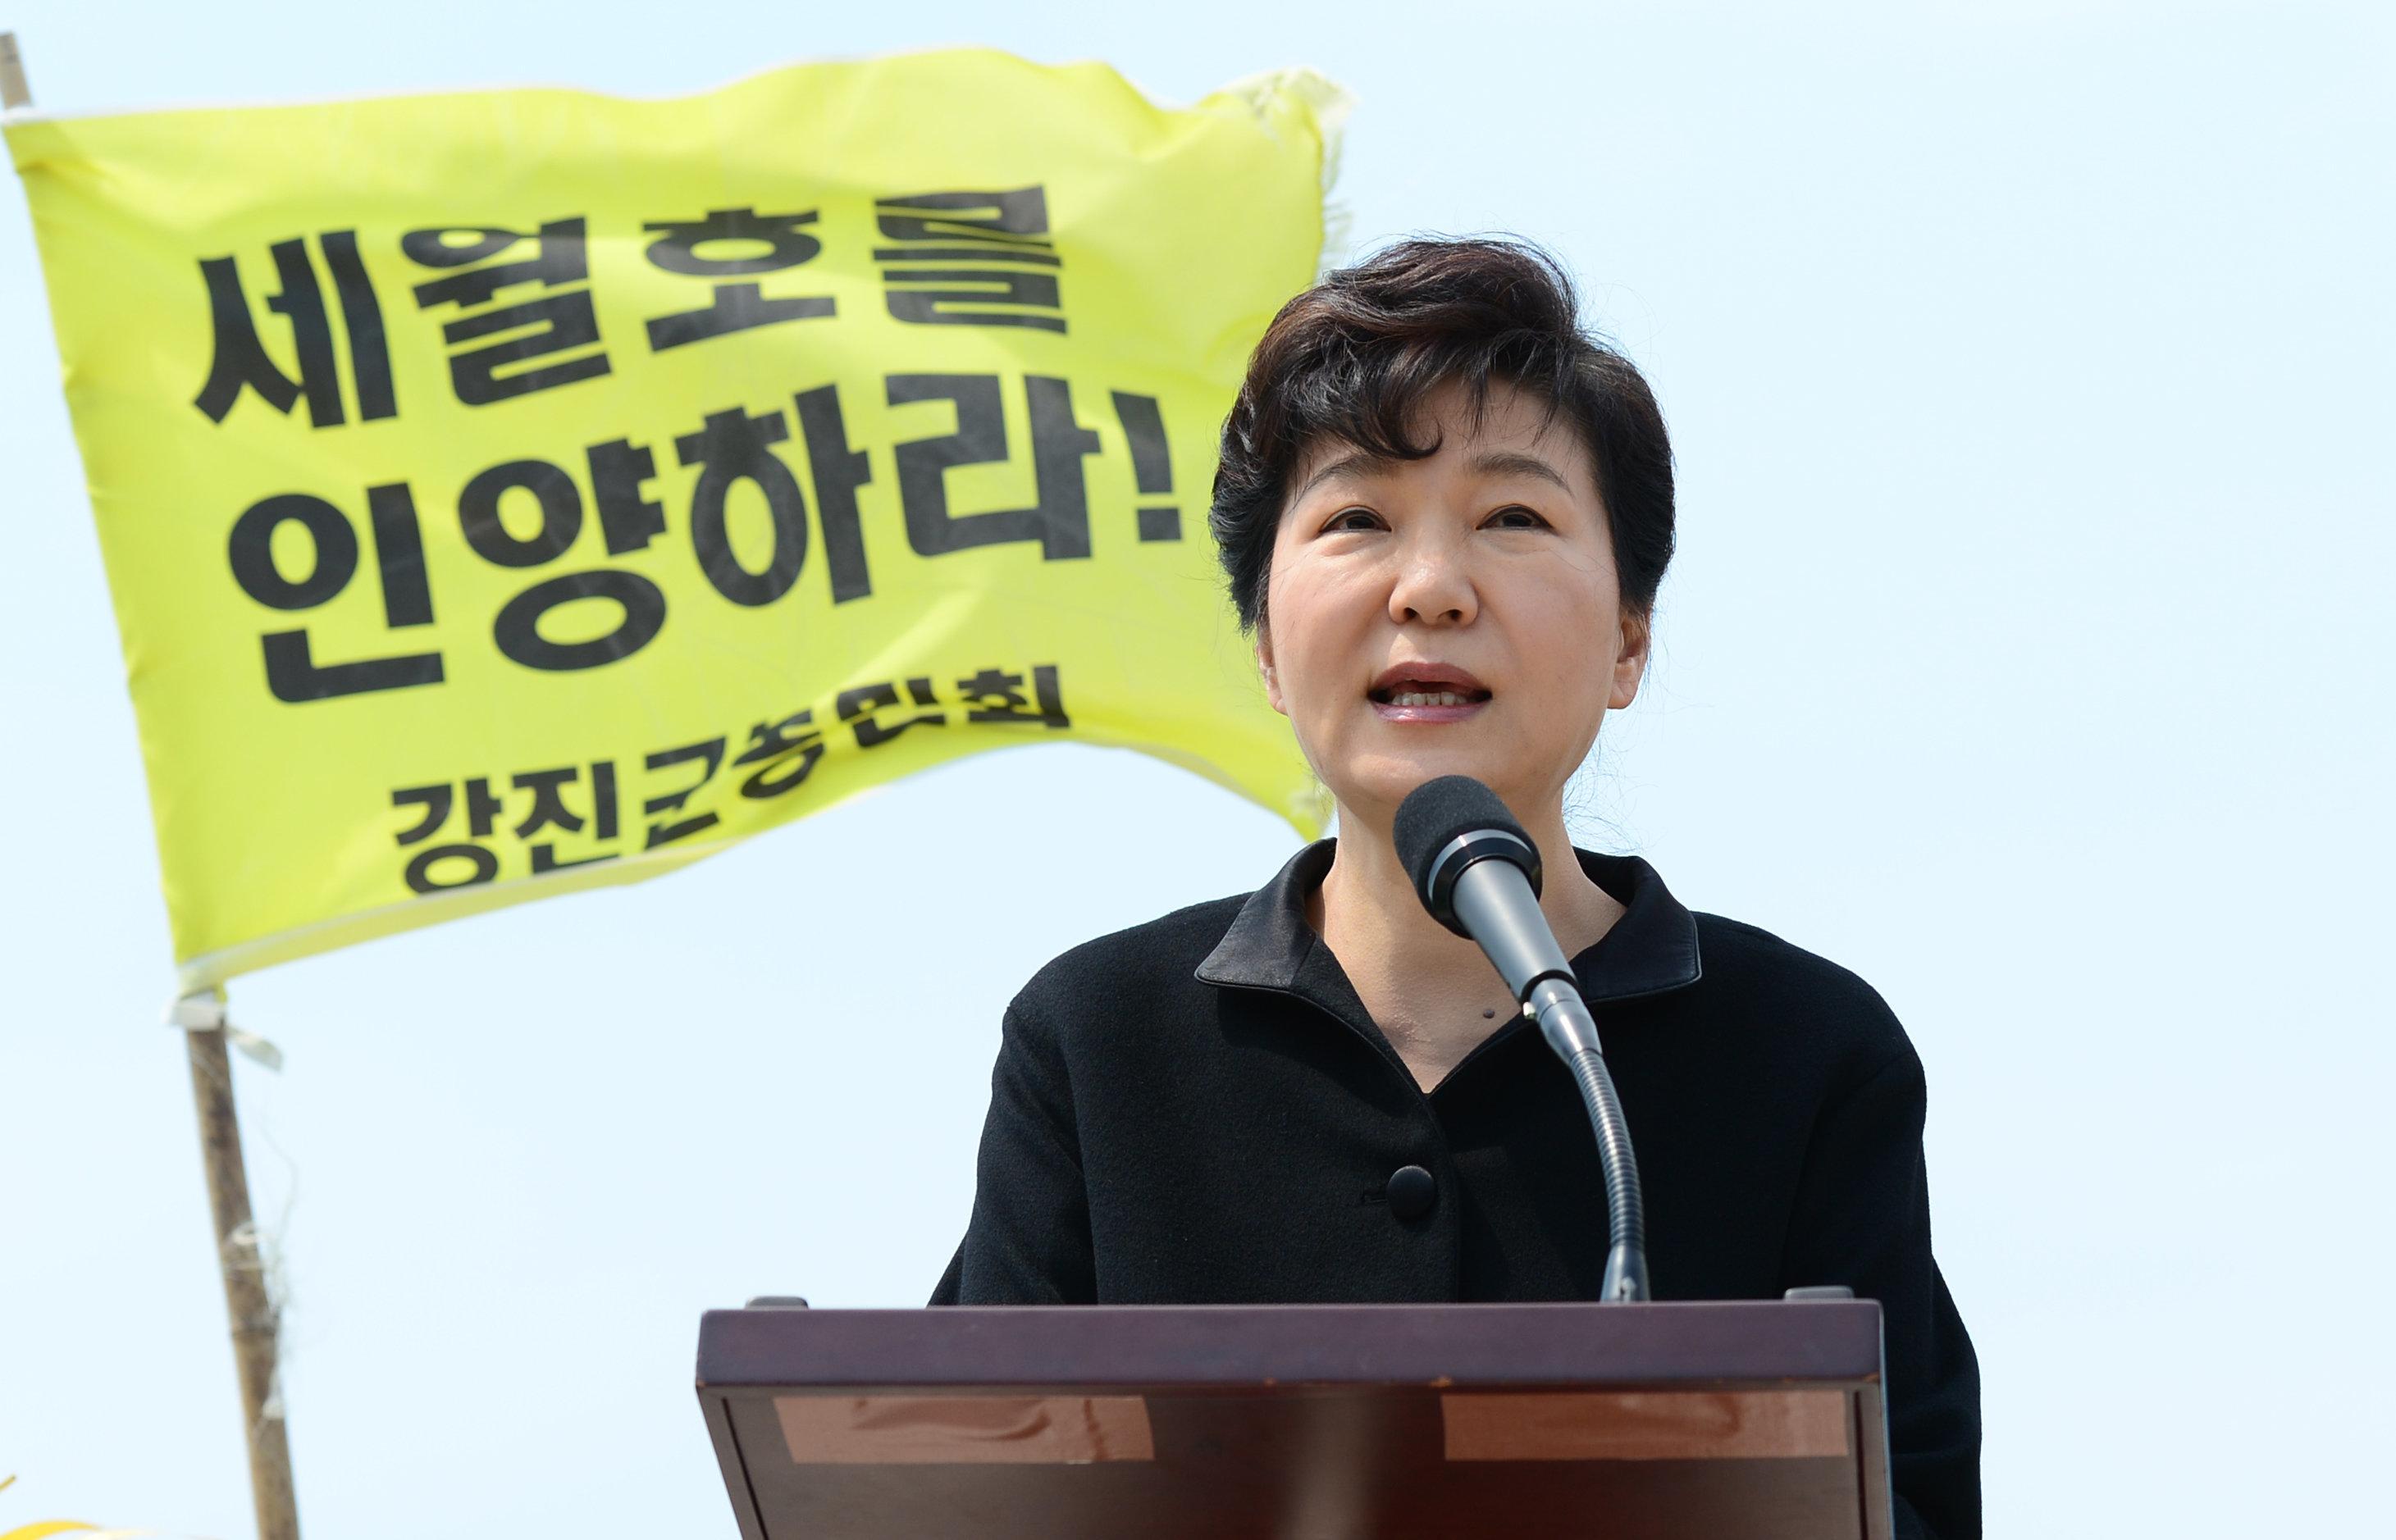 박근혜 정부가 '세월호 보고 시각'을 조작한 사실이 드러났다